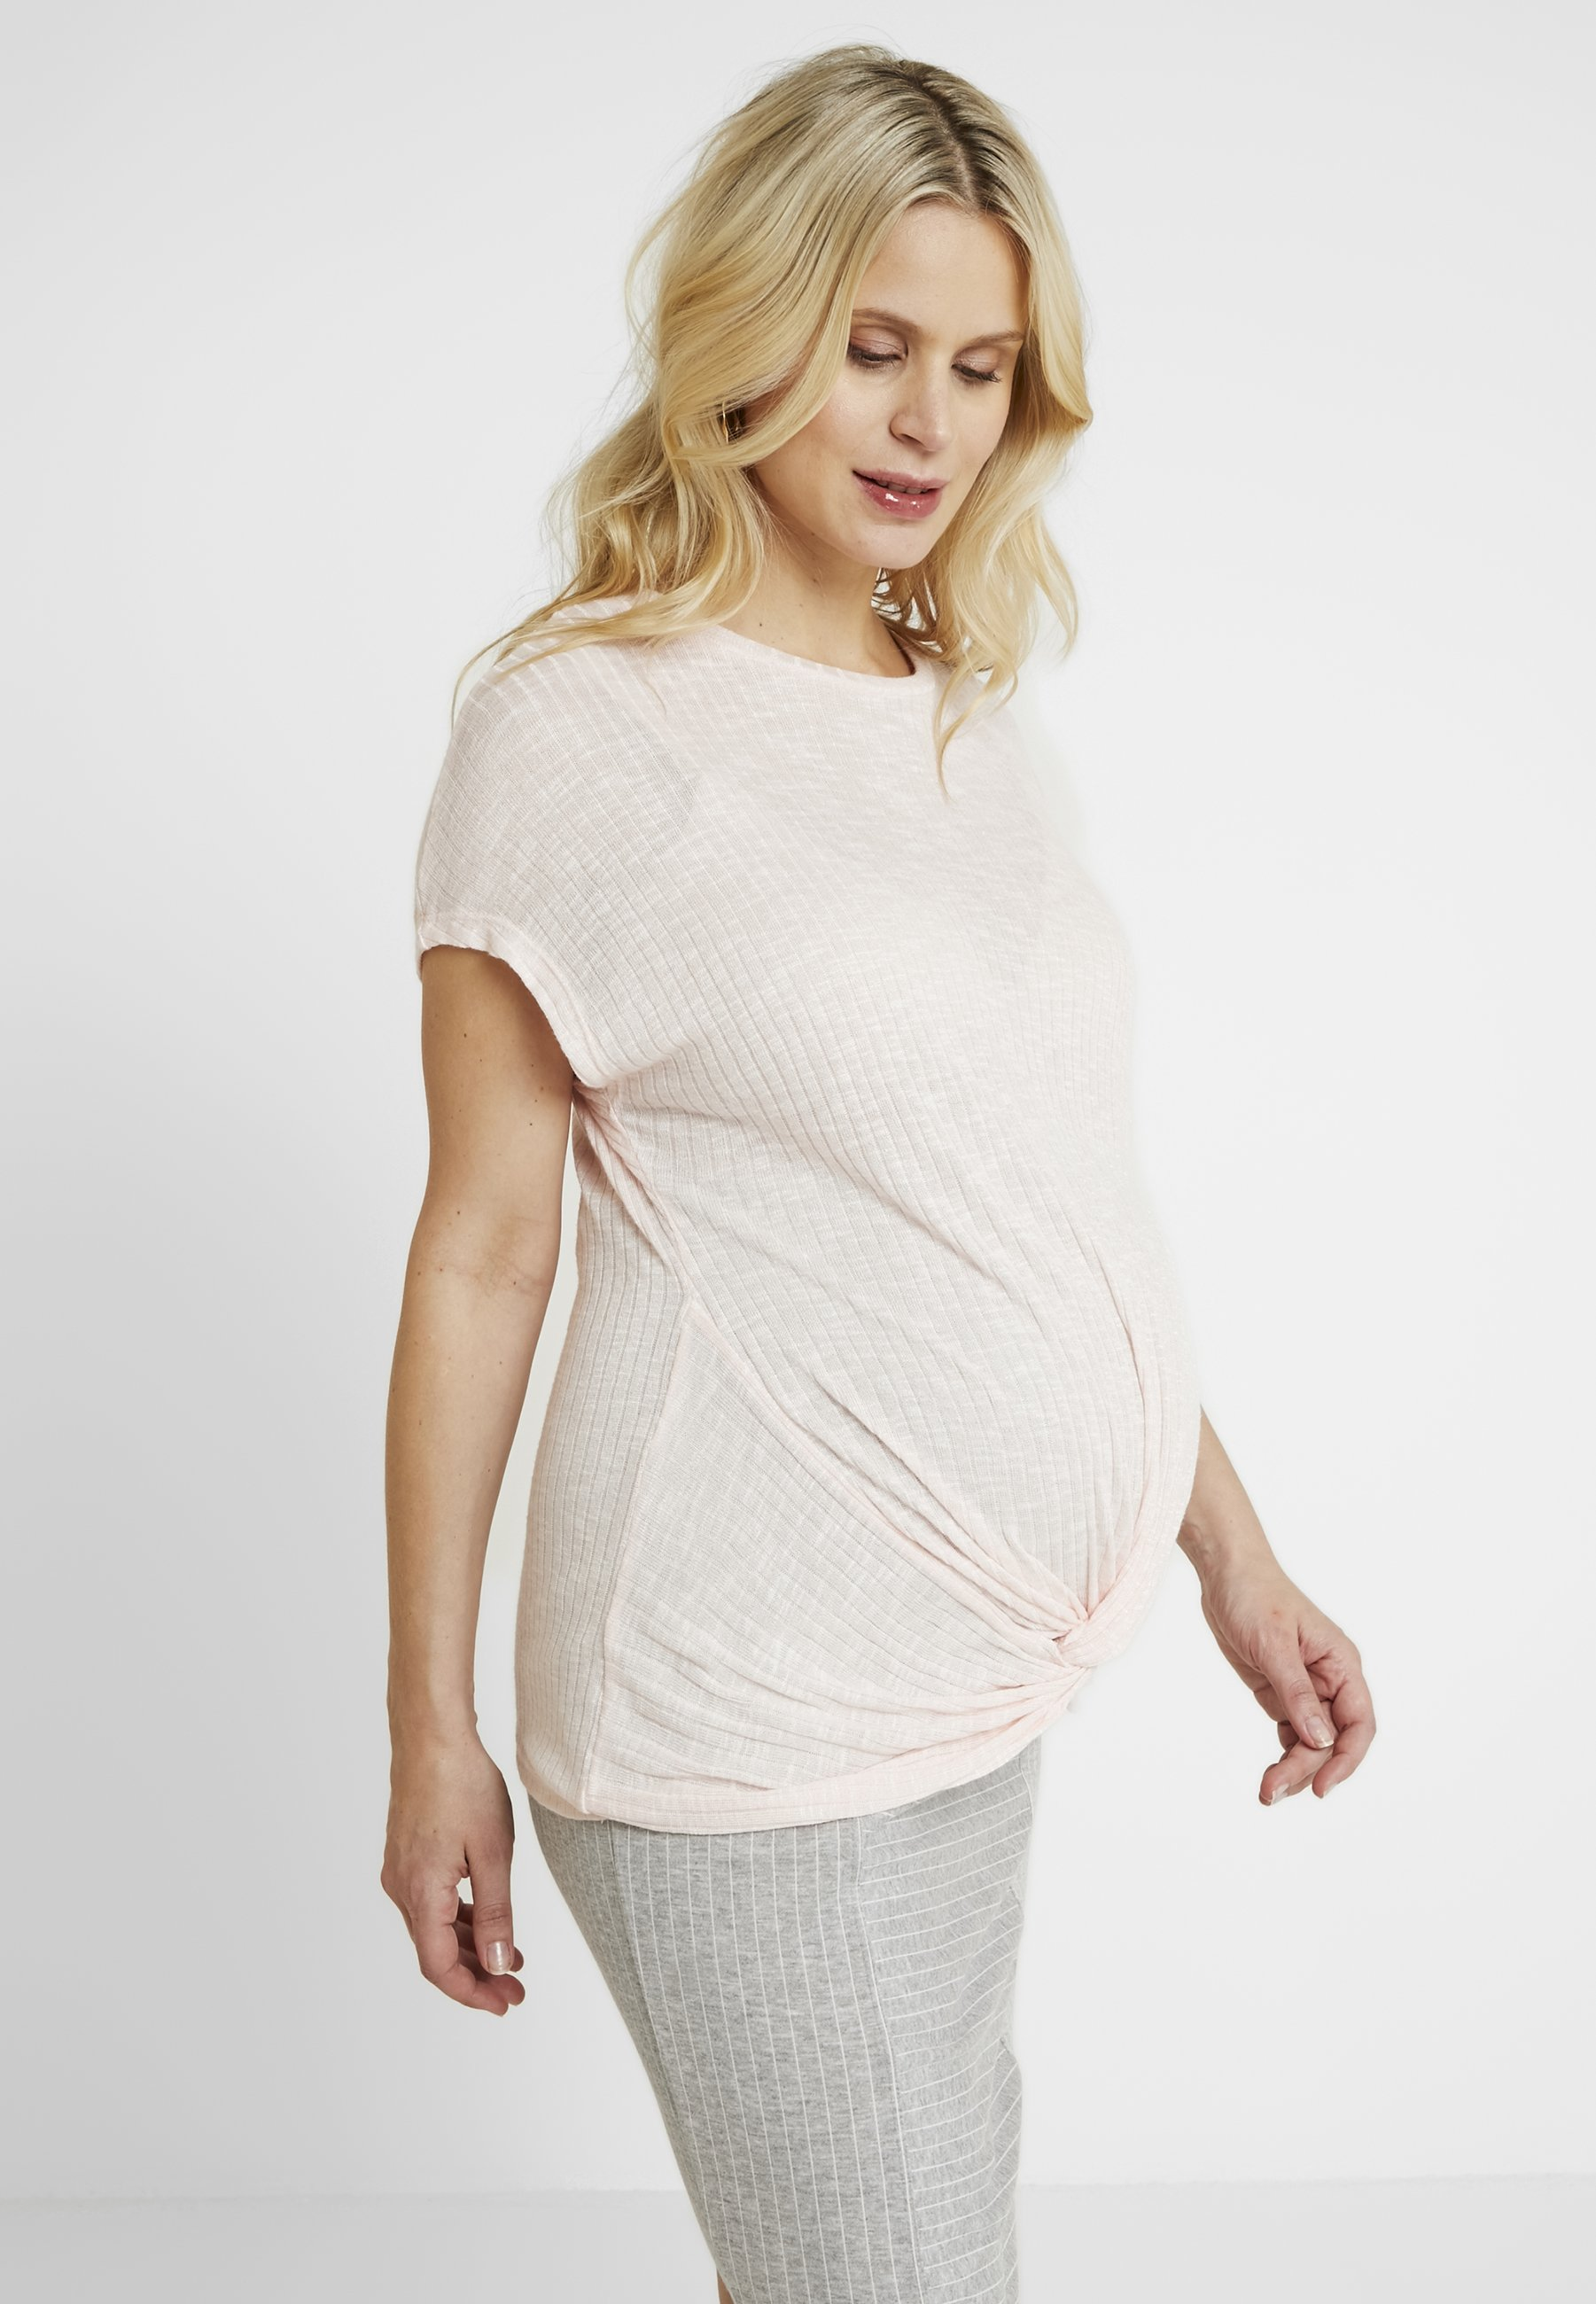 Look Maternity Imprimé New shirt Pink TwistT 3ALqj54R